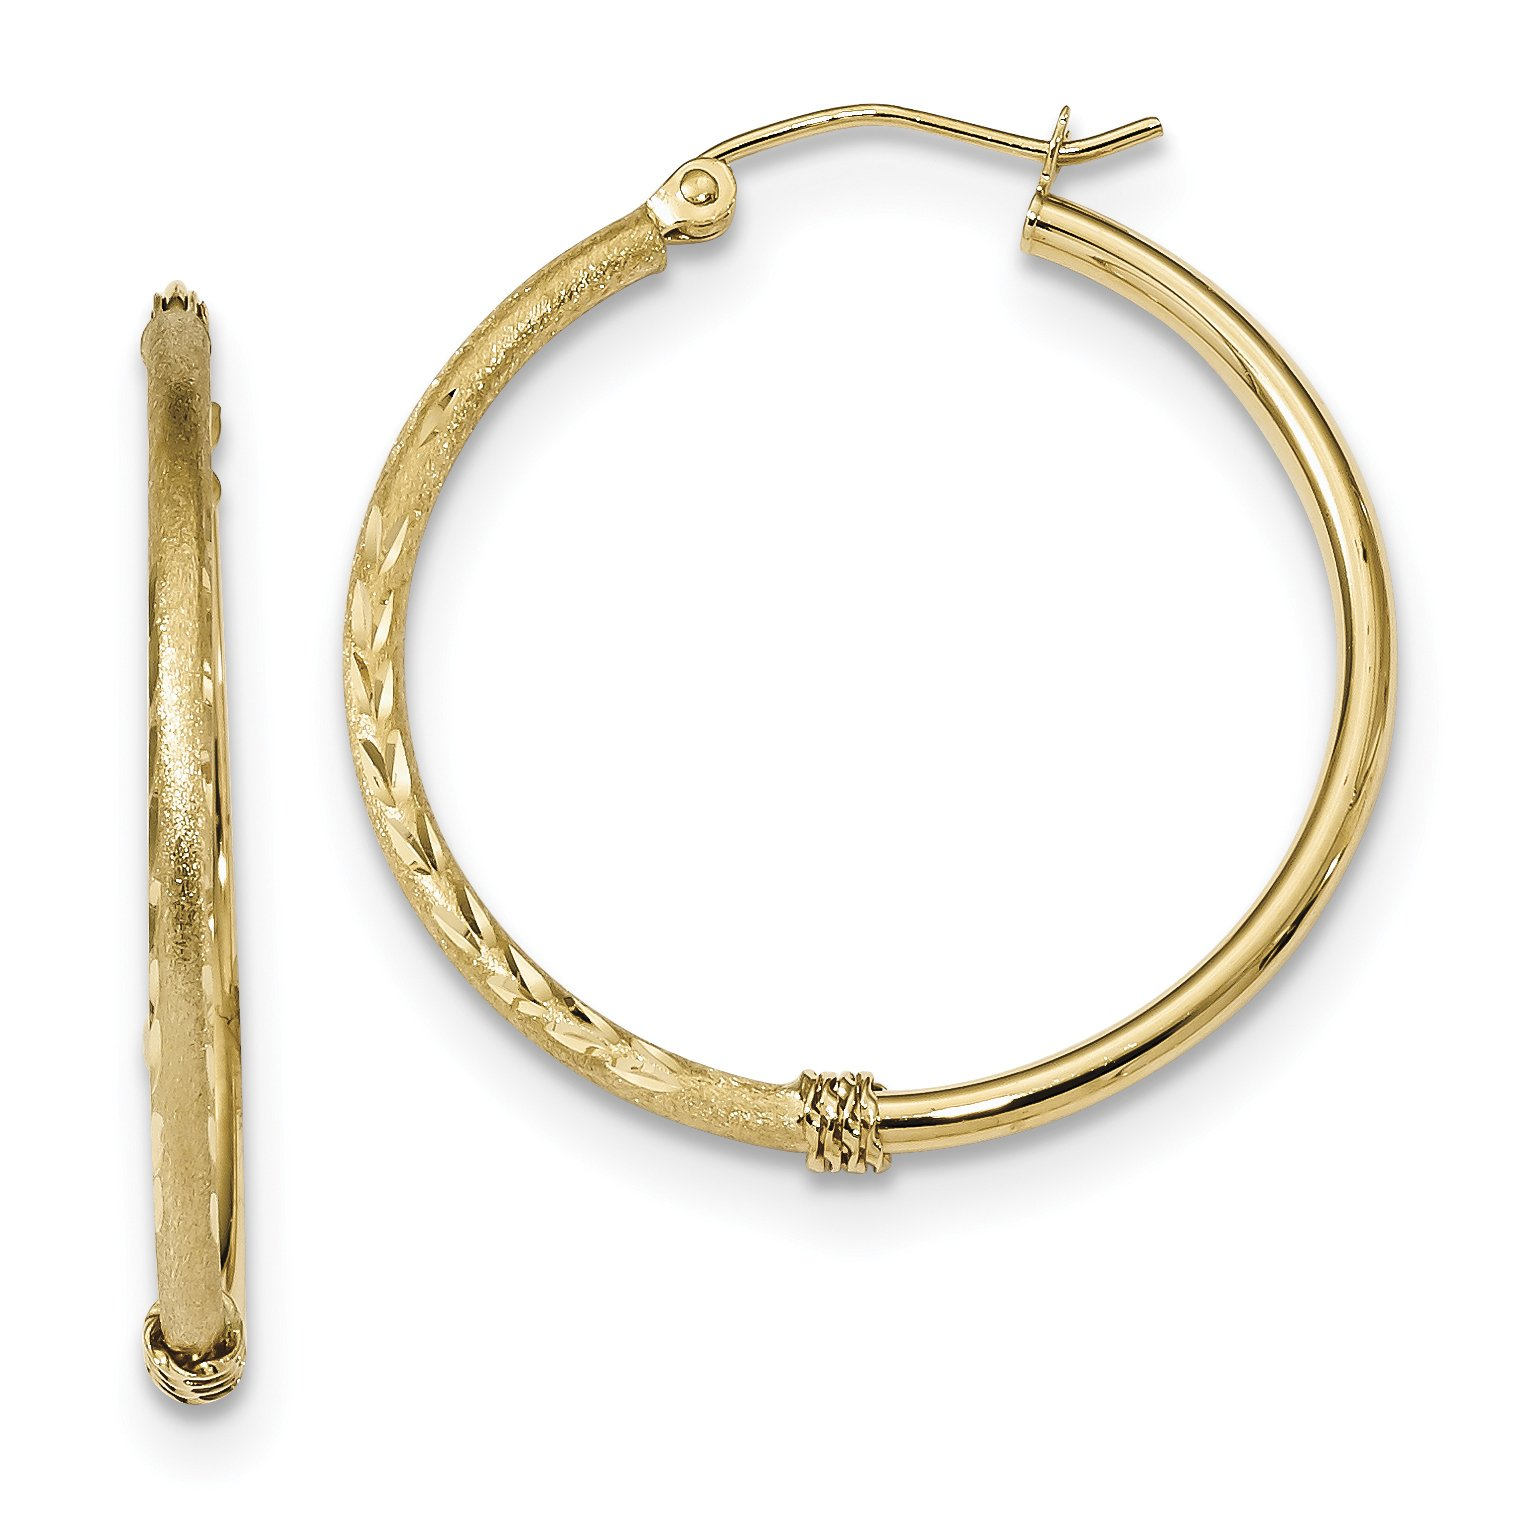 ICE CARATS 14k Yellow Gold Hoop Earrings Ear Hoops Set Fine Jewelry Gift Set For Women Heart